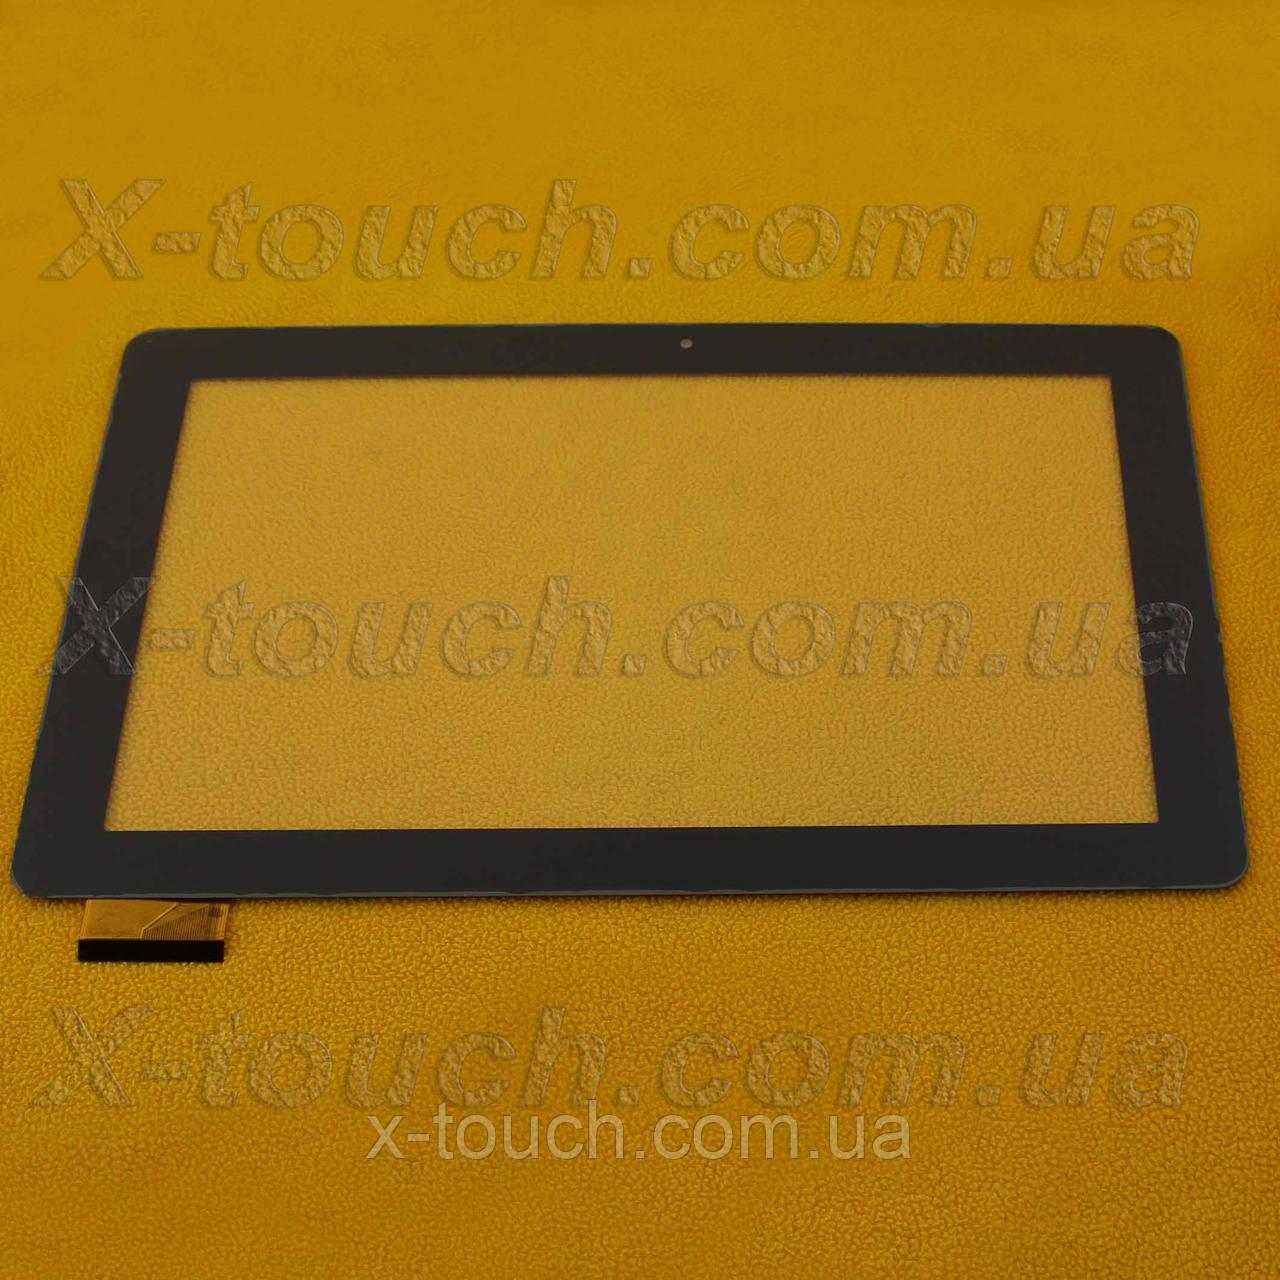 Тачскрин, сенсор HC261159A1 MB1019Q5 FPC017H V2.0 черный для планшета